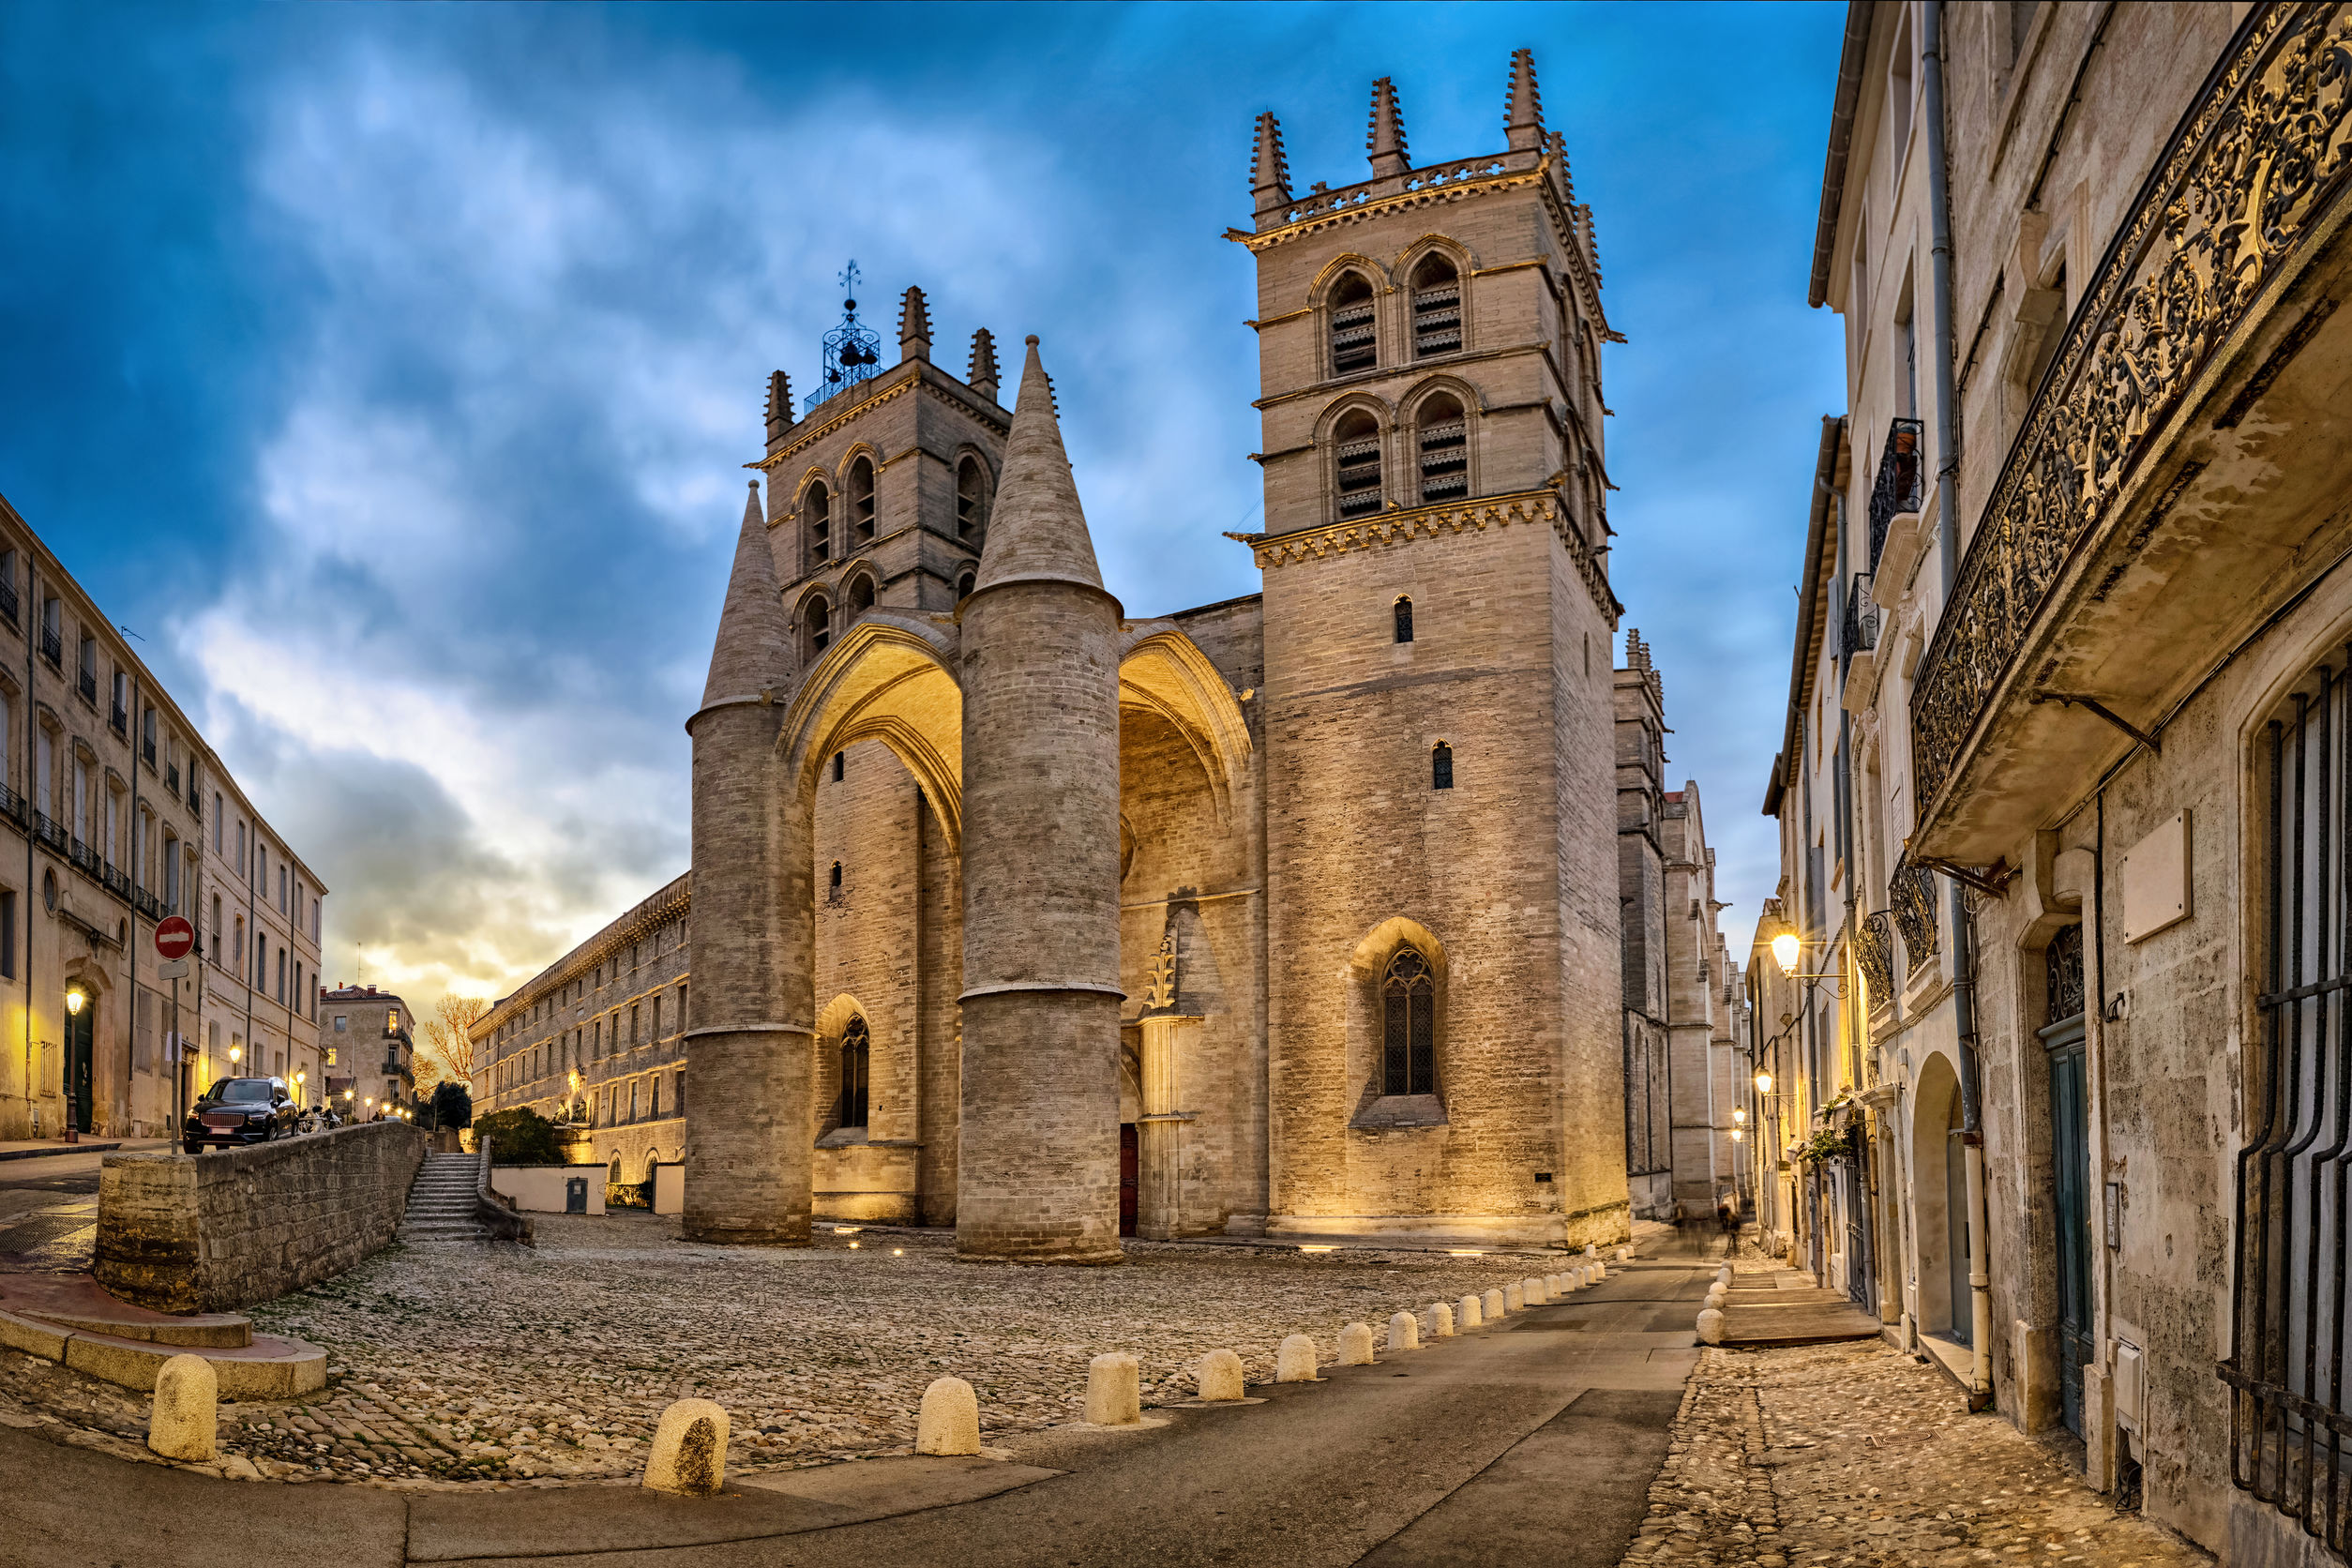 Quoi voir à Montpellier en 1 jour ?